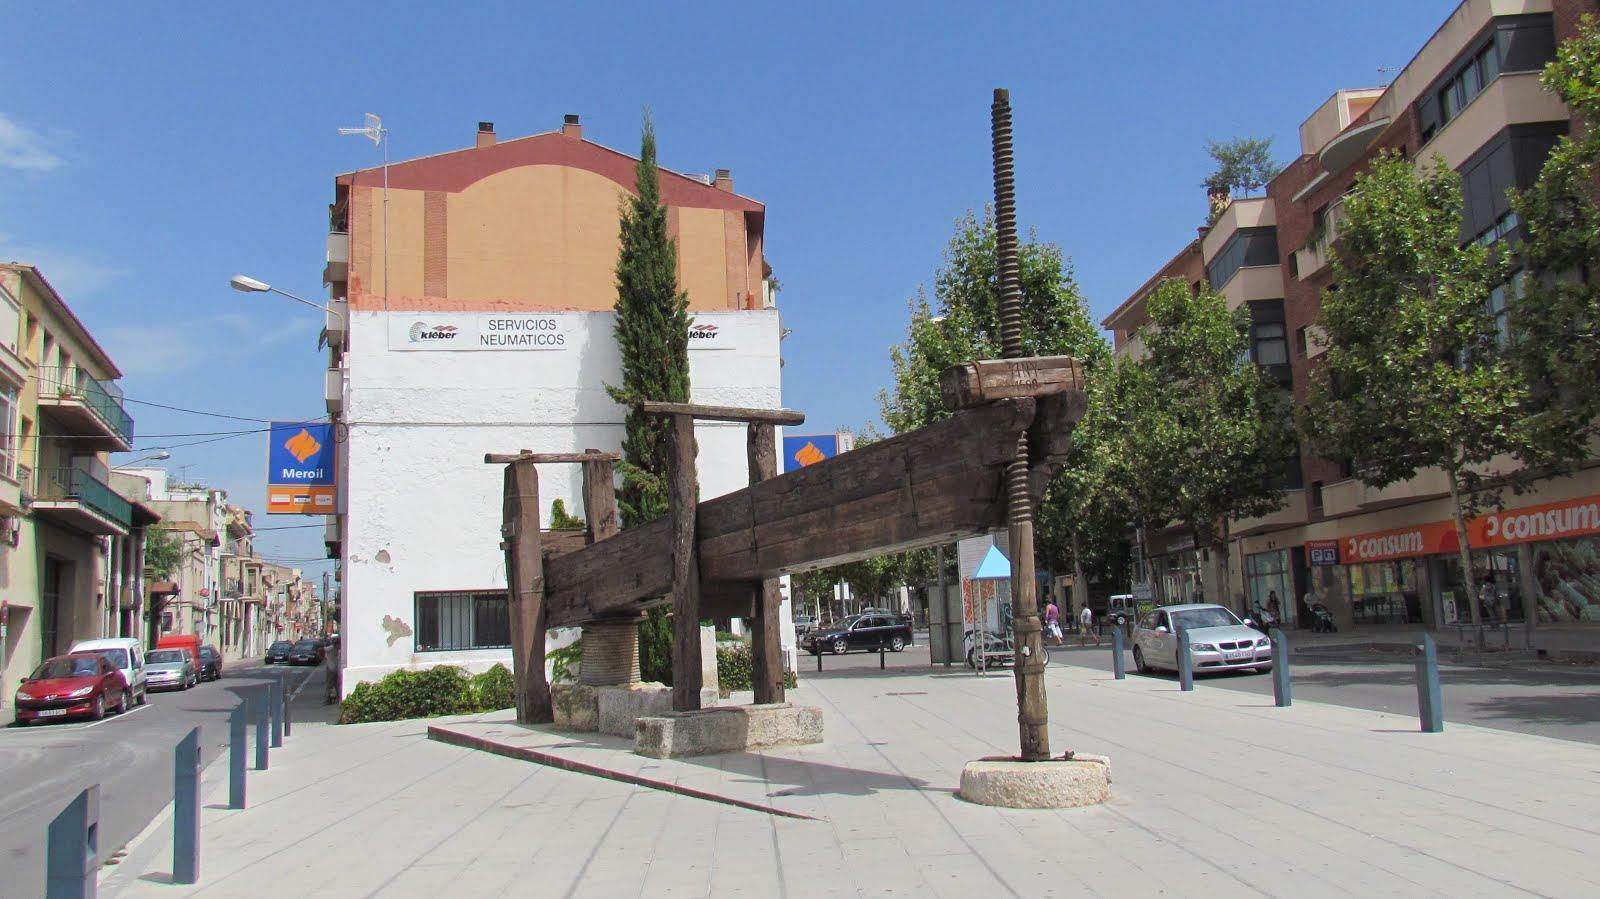 Tot son punts de vista la premsa de biga o de lliura de for Morato vilafranca